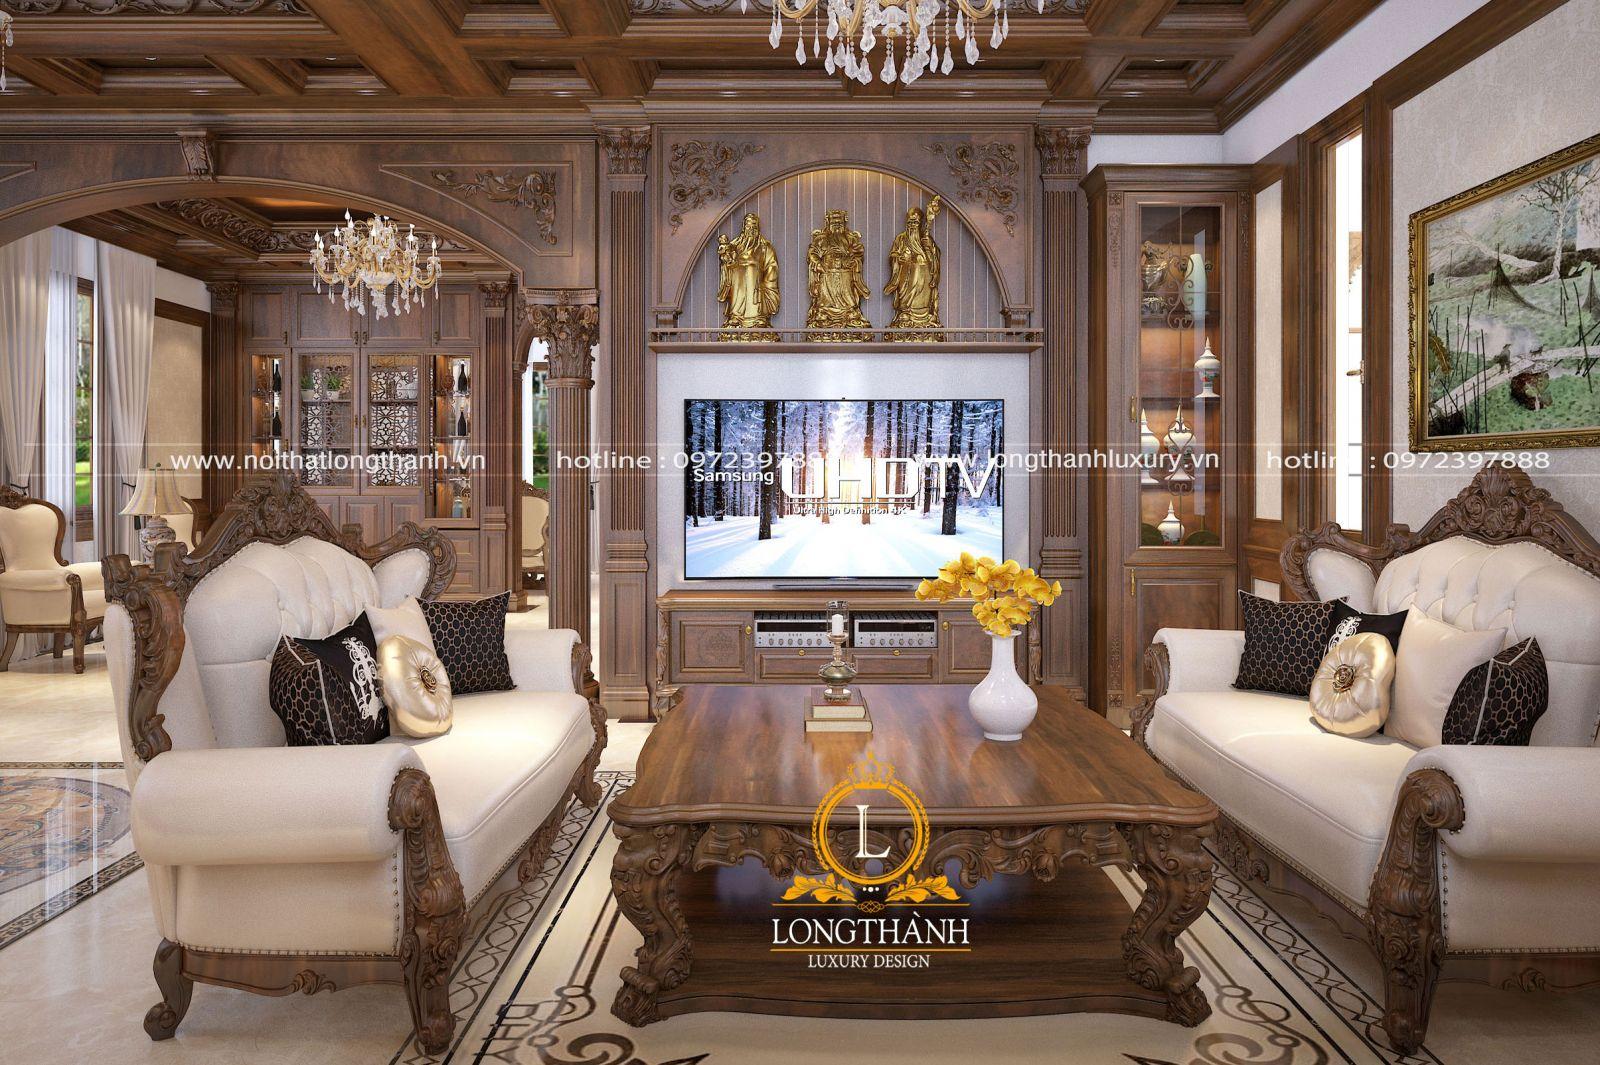 Trang trí phòng khách theo phong cách tân cổ điển sang trọng